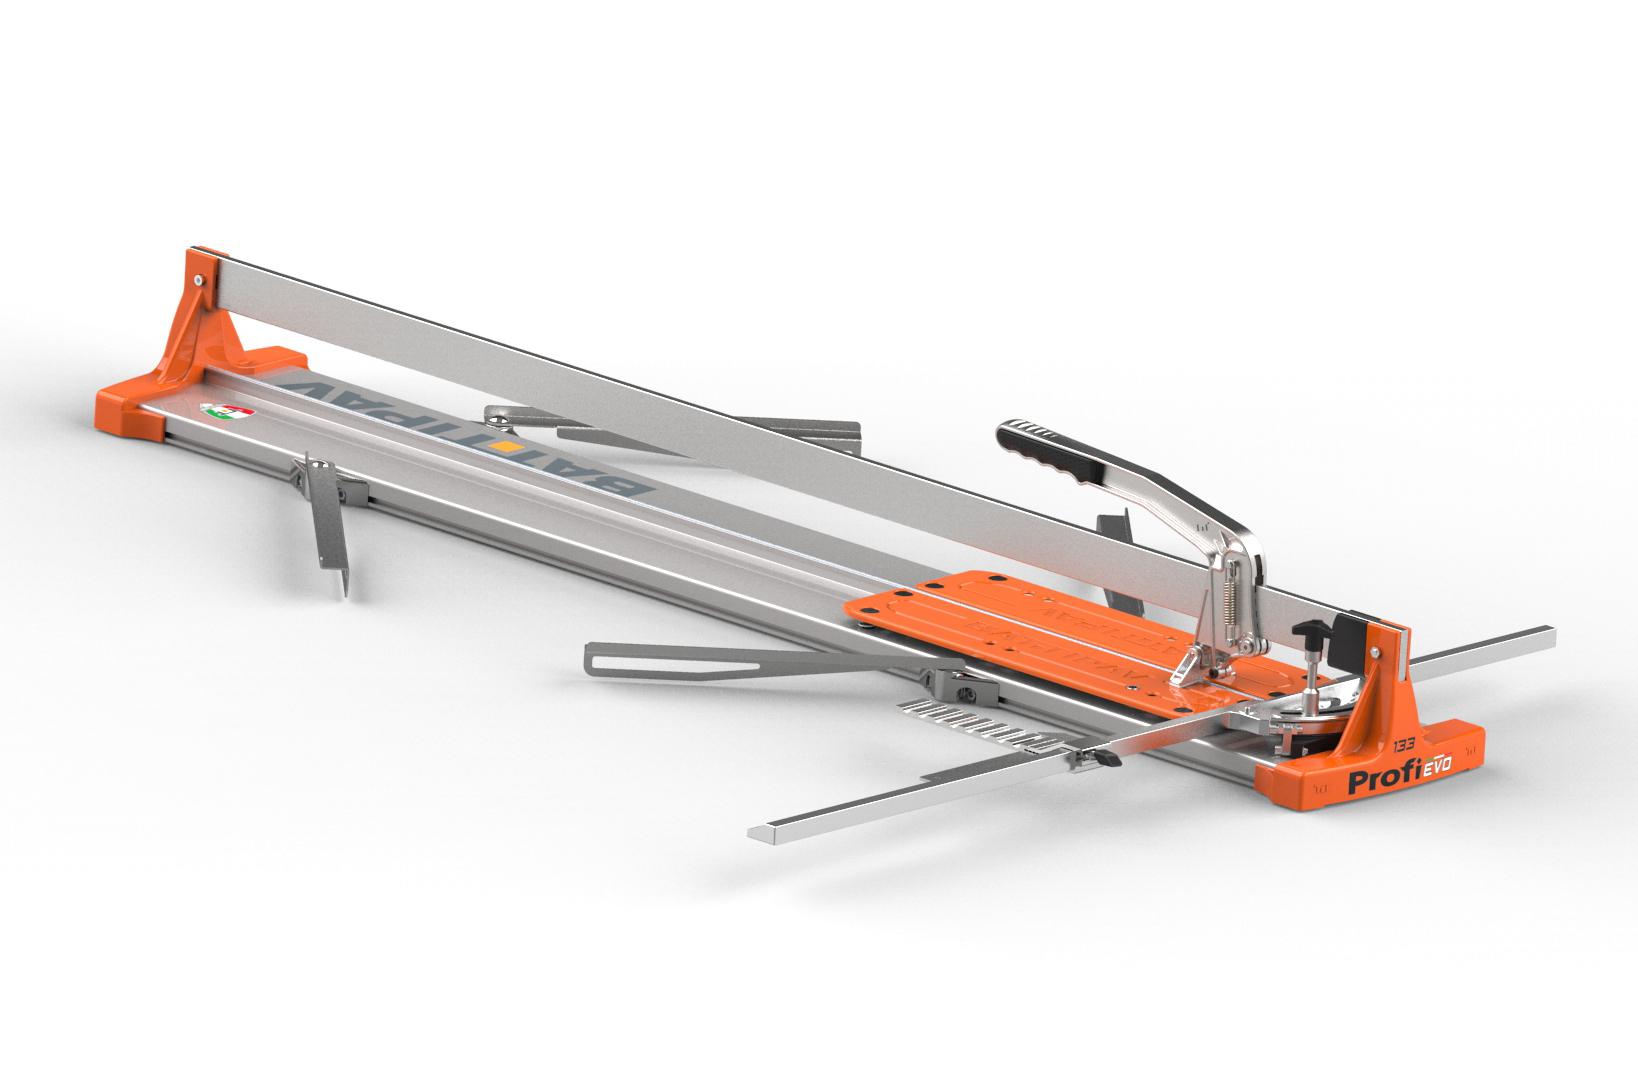 Battipav tagliapiastrelle profi evo133 alluminio art.61300ev